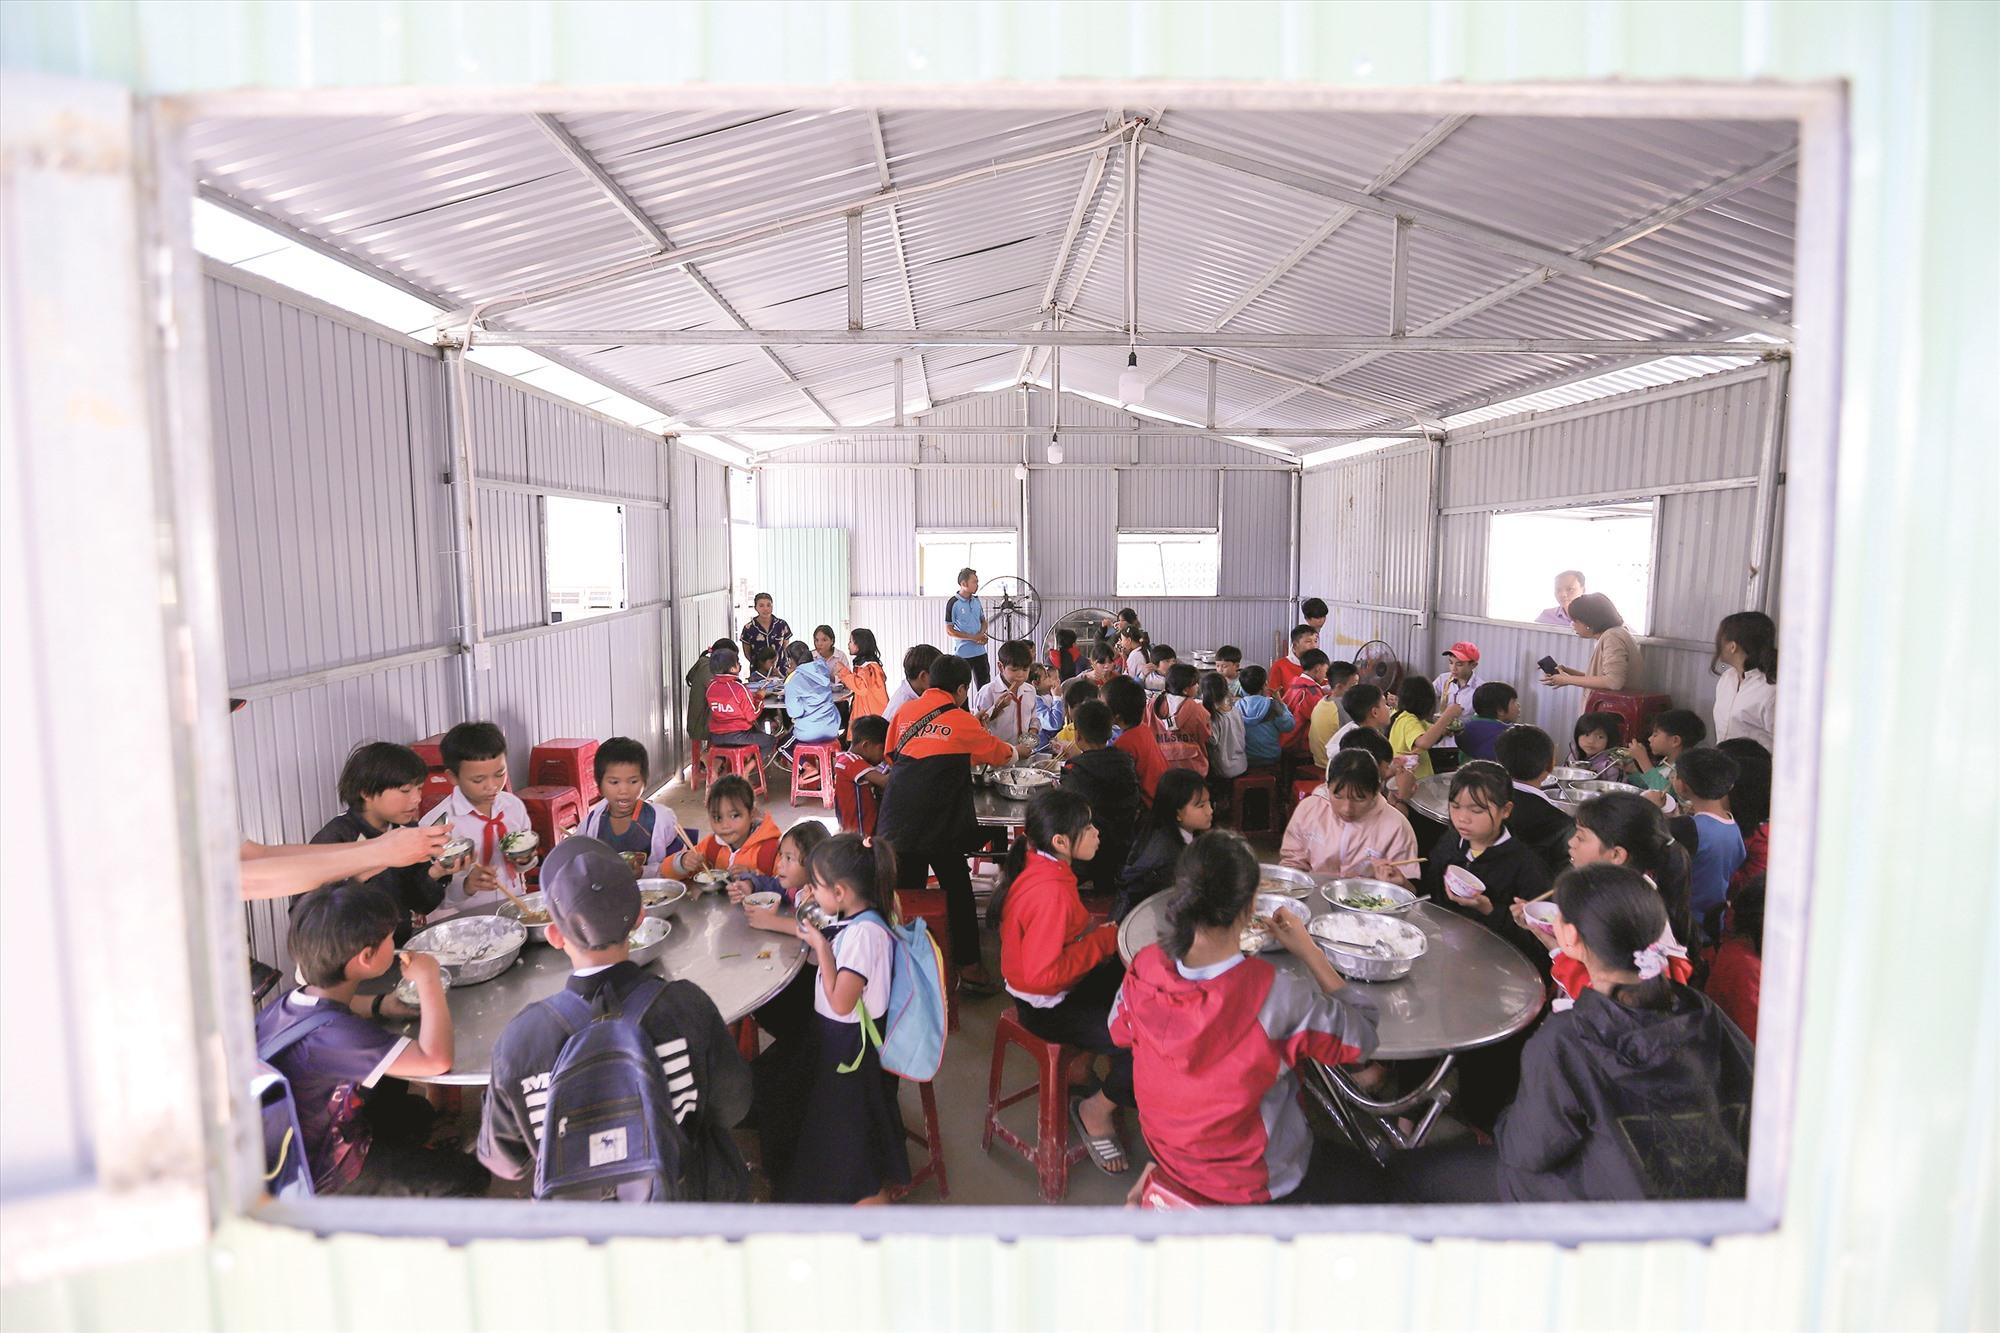 Bữa cơm của học sinh Trường Phổ thông dân tộc bán trú tiểu học và THCS Phước Kim trong căn nhà mái tôn vừa được dựng tạm, vì nhà ăn tập thể đã bị con suối phía sau trường phá sập một góc, nứt toác tường và nền.